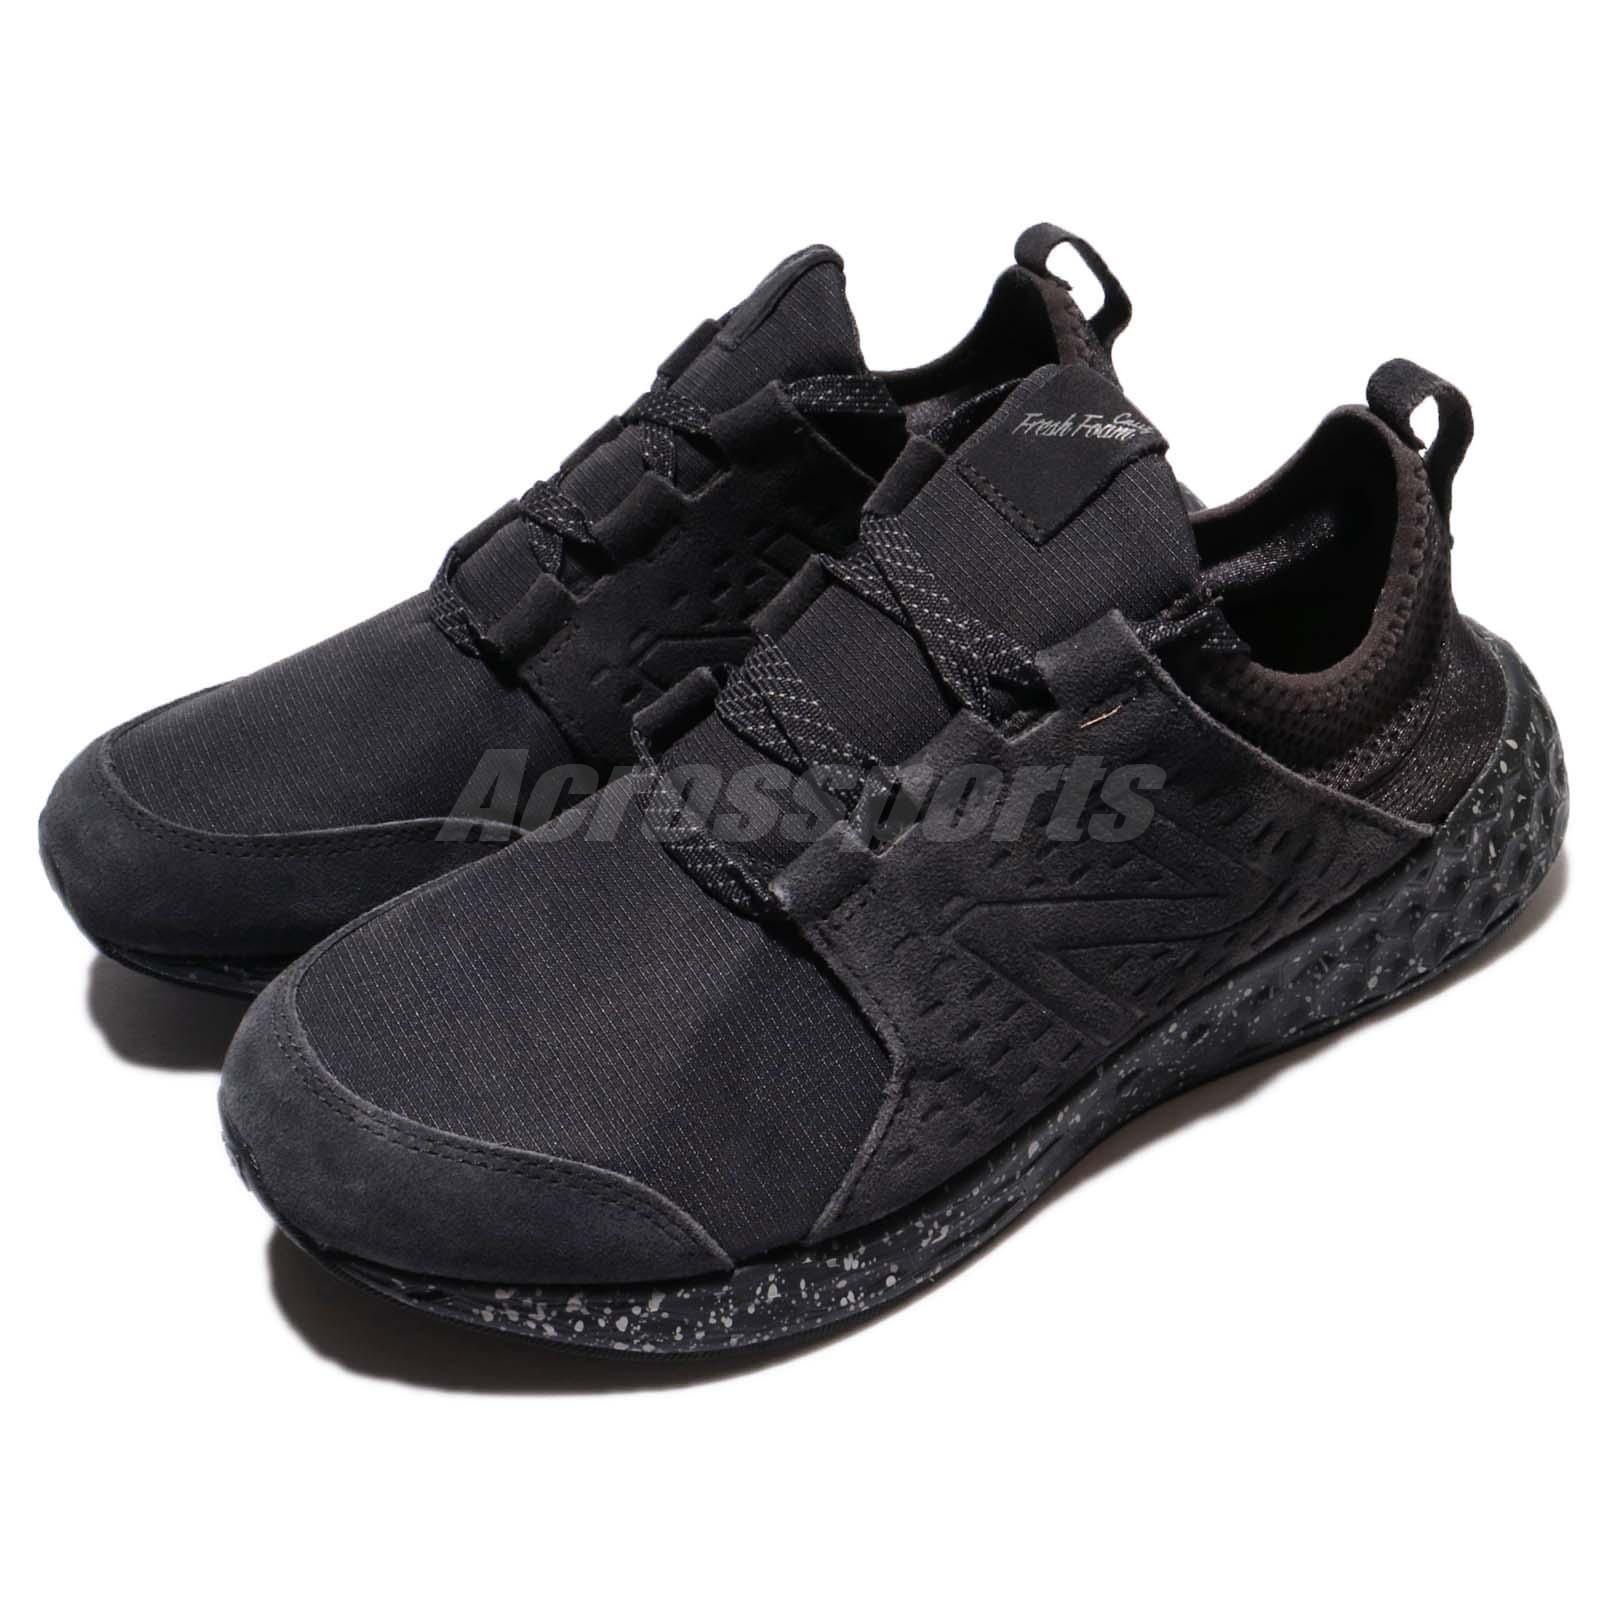 New Balance MCRUZE 2E Gris Wide Fresh Foam Cruz Gris 2E Noir Hommes Running Chaussures MCRUZE2E 60306d